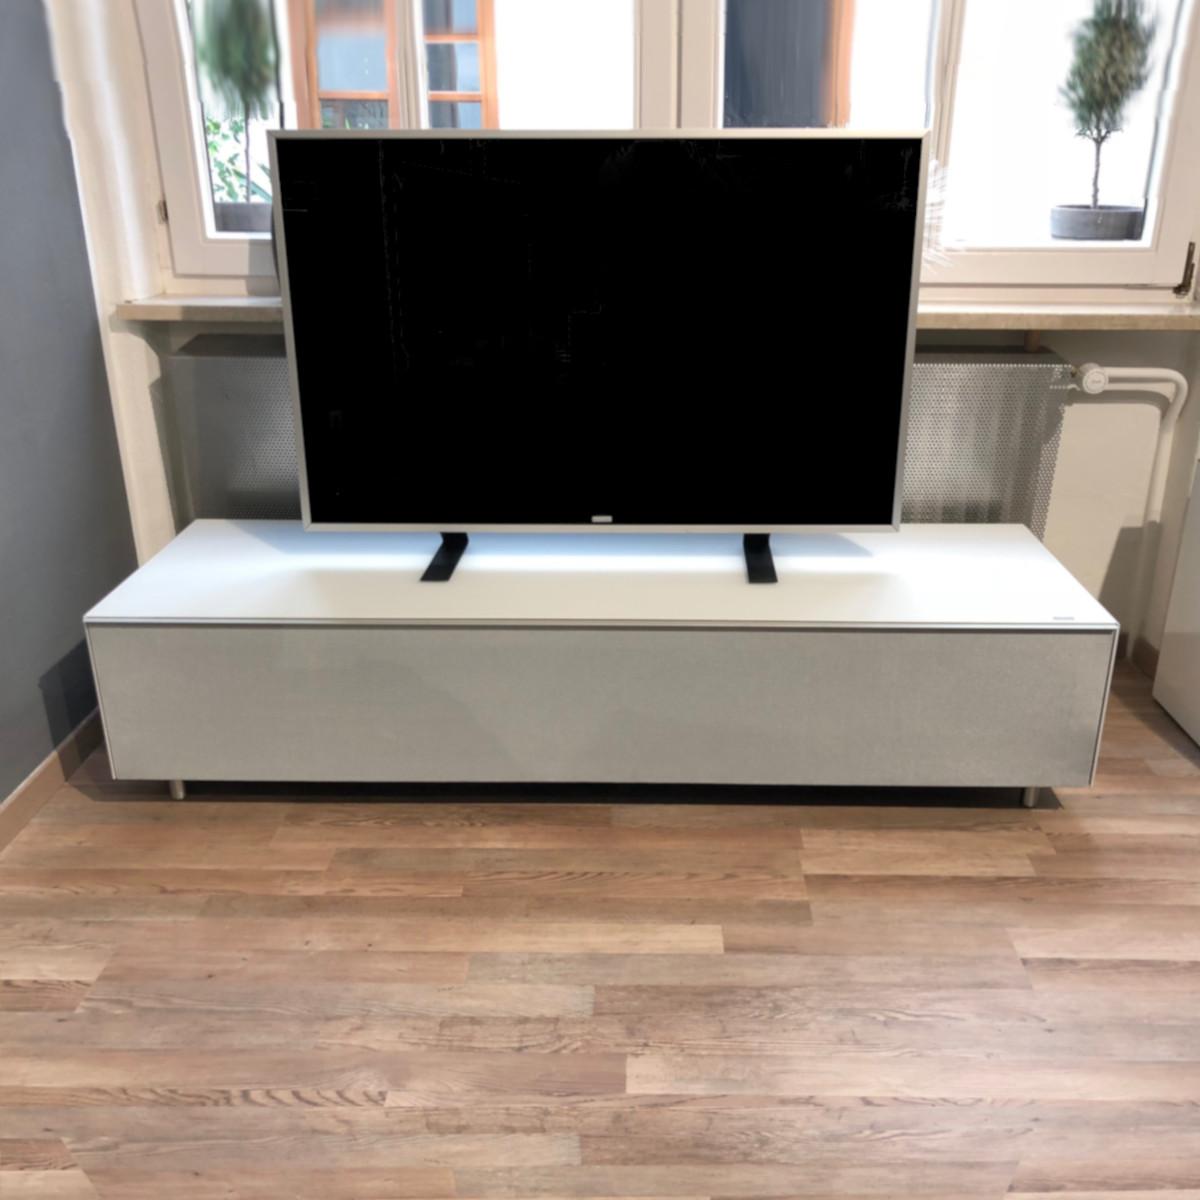 Spectral, tv möbel, günstiges Aktionsmodell Scala SC 1654, Wegen einem Makel auf der Rückseite sehr preiswert.